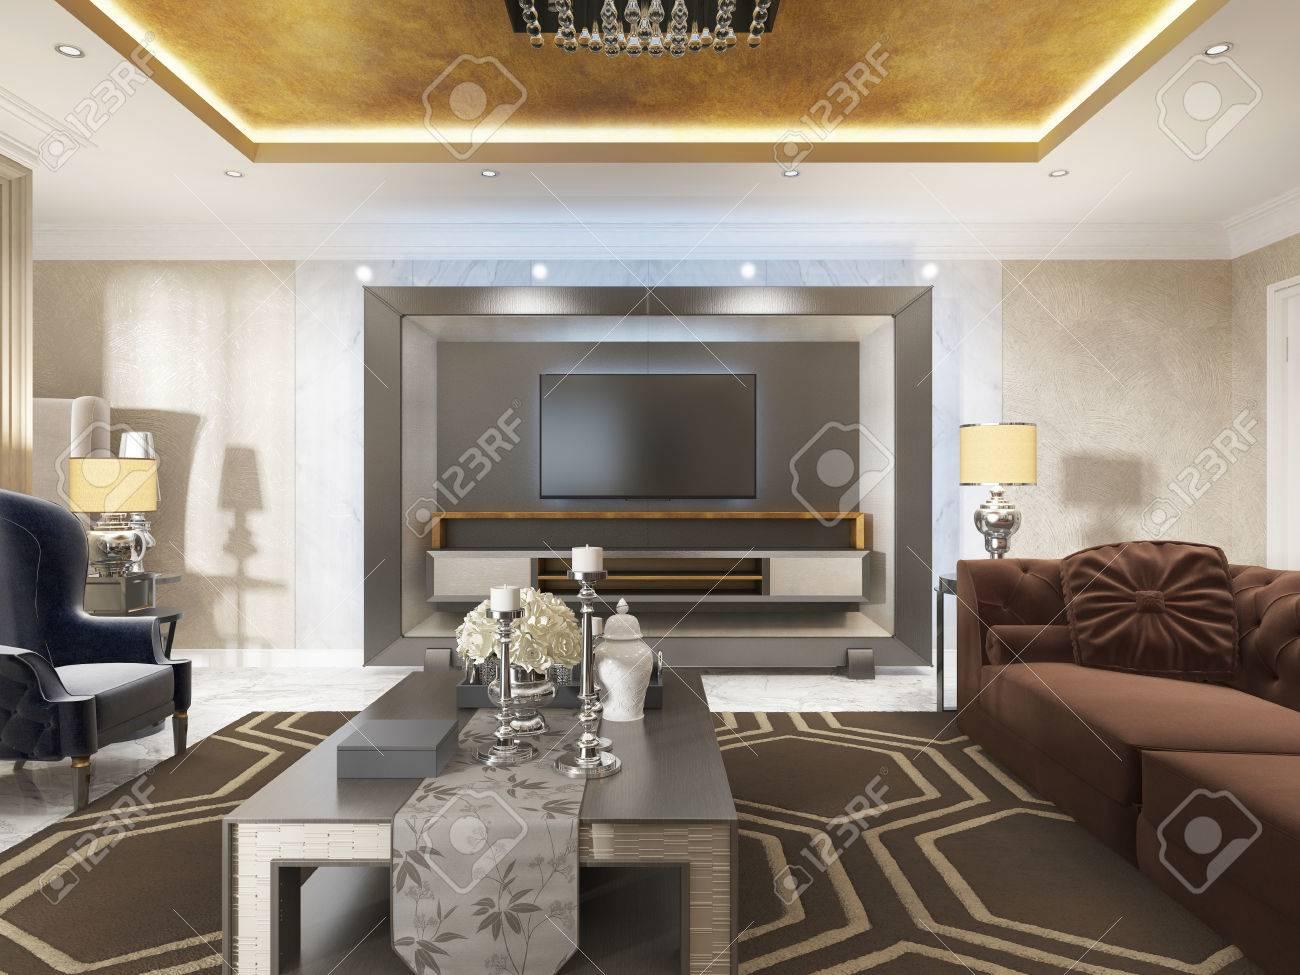 Luxuriöses Wohnzimmer Im Art Deco Stil Mit Lila Sofas Und Sessel Und ...